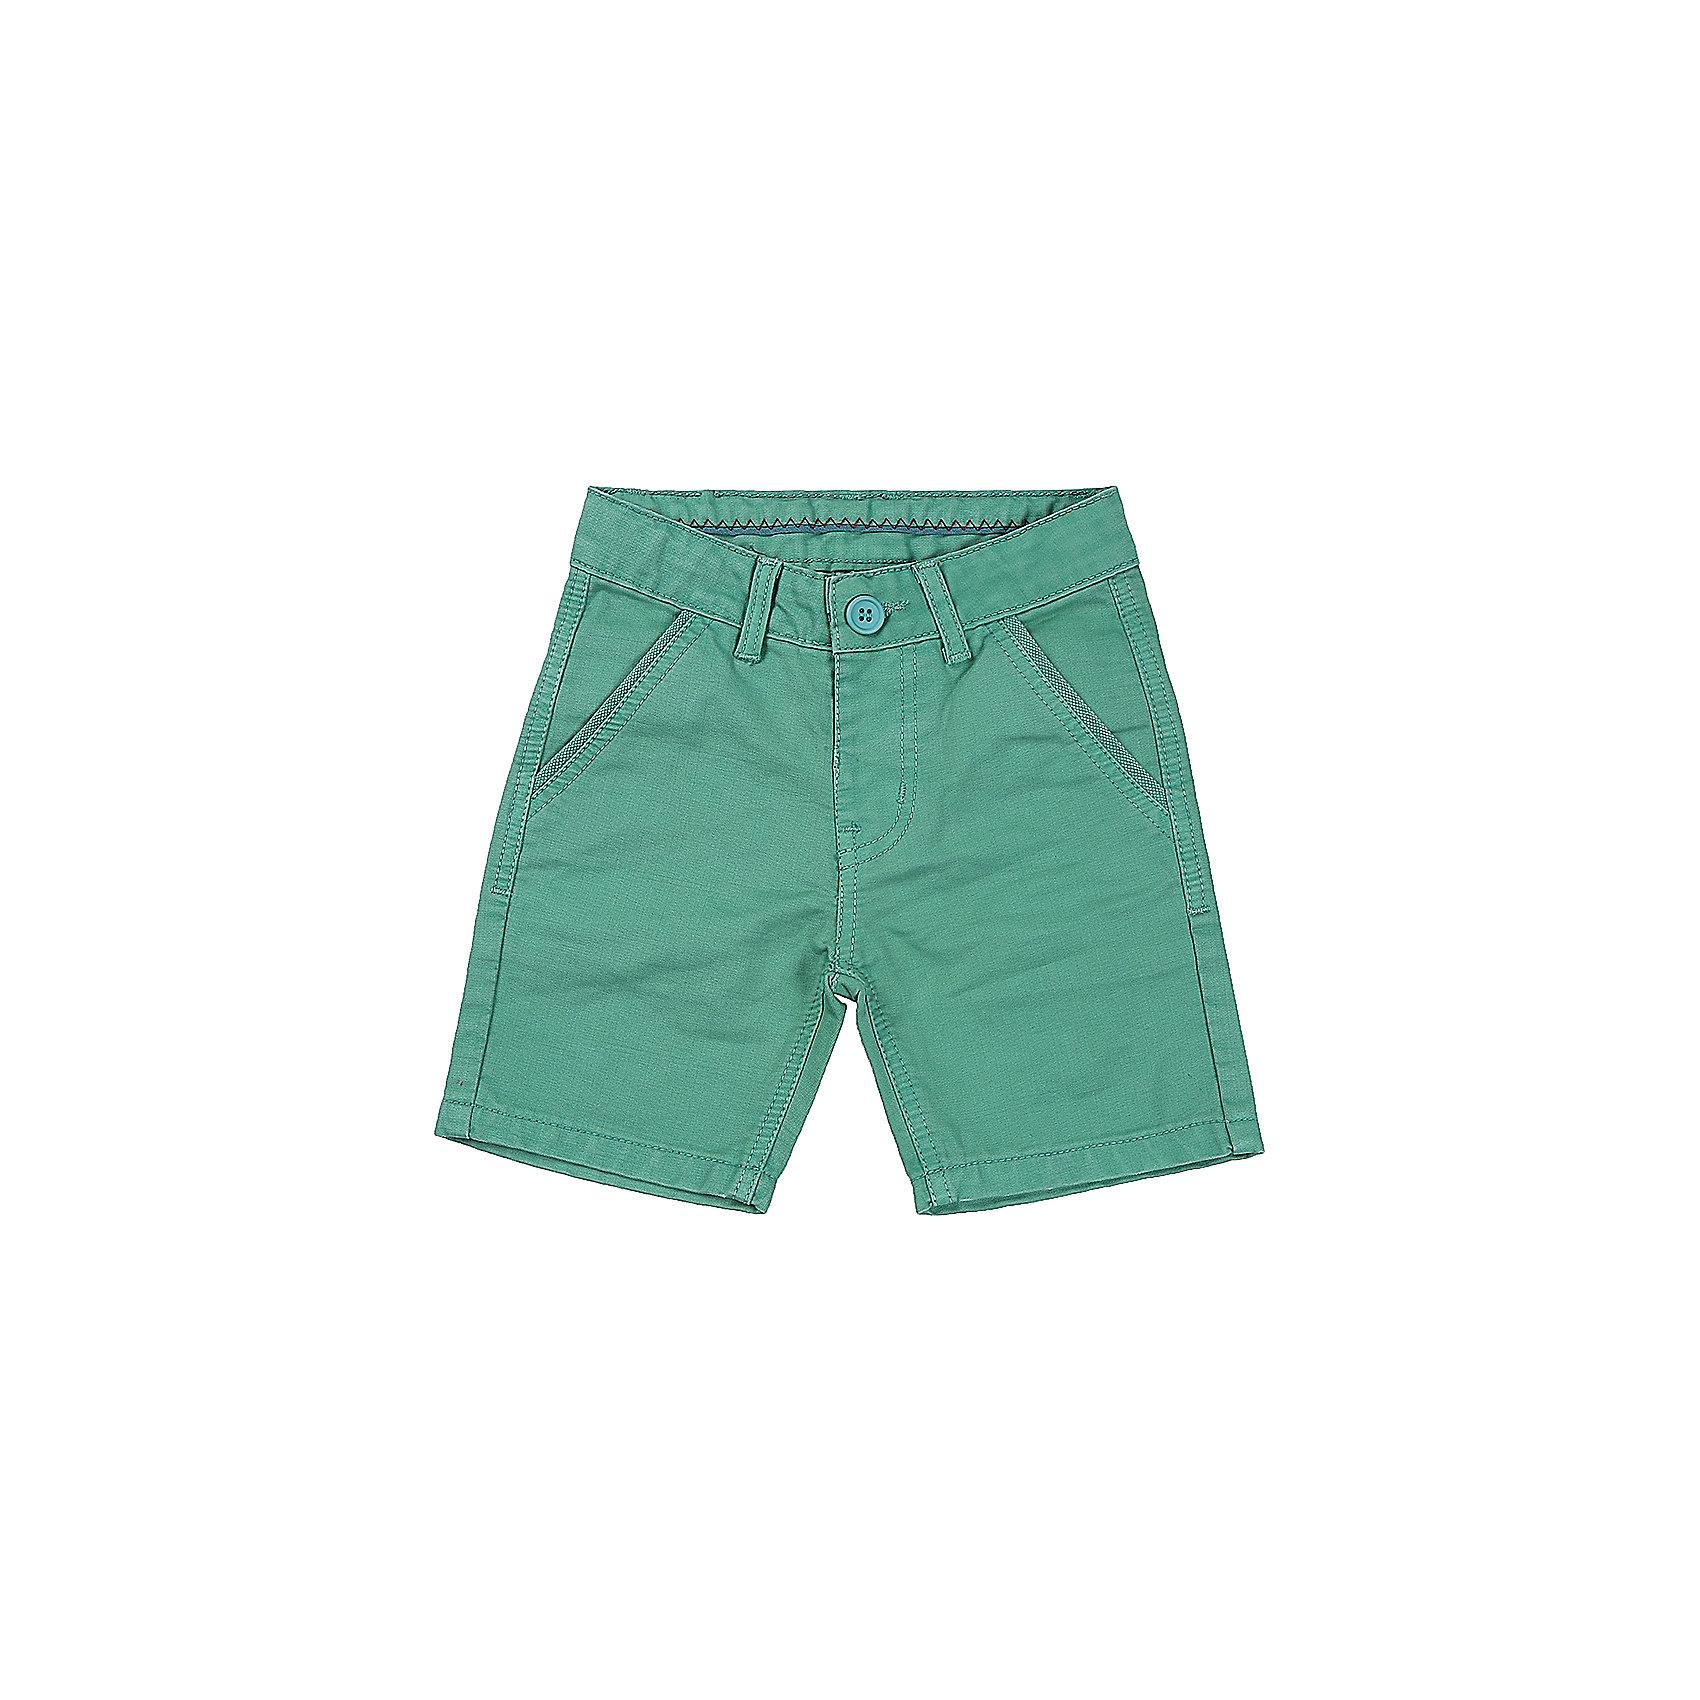 Шорты для мальчика Sweet BerryШорты и бриджи<br>Хлопковые шорты для мальчика. Спереди два кармана. Застегиваются на молнию и пуговицу. Шлевки на поясе рассчитаны под ремень. В боковой части пояса находятся вшитые эластичные ленты, регулирующие посадку по талии.<br>Состав:<br>100%хлопок<br><br>Ширина мм: 191<br>Глубина мм: 10<br>Высота мм: 175<br>Вес г: 273<br>Цвет: зеленый<br>Возраст от месяцев: 12<br>Возраст до месяцев: 15<br>Пол: Мужской<br>Возраст: Детский<br>Размер: 80,86,92,98<br>SKU: 5411561